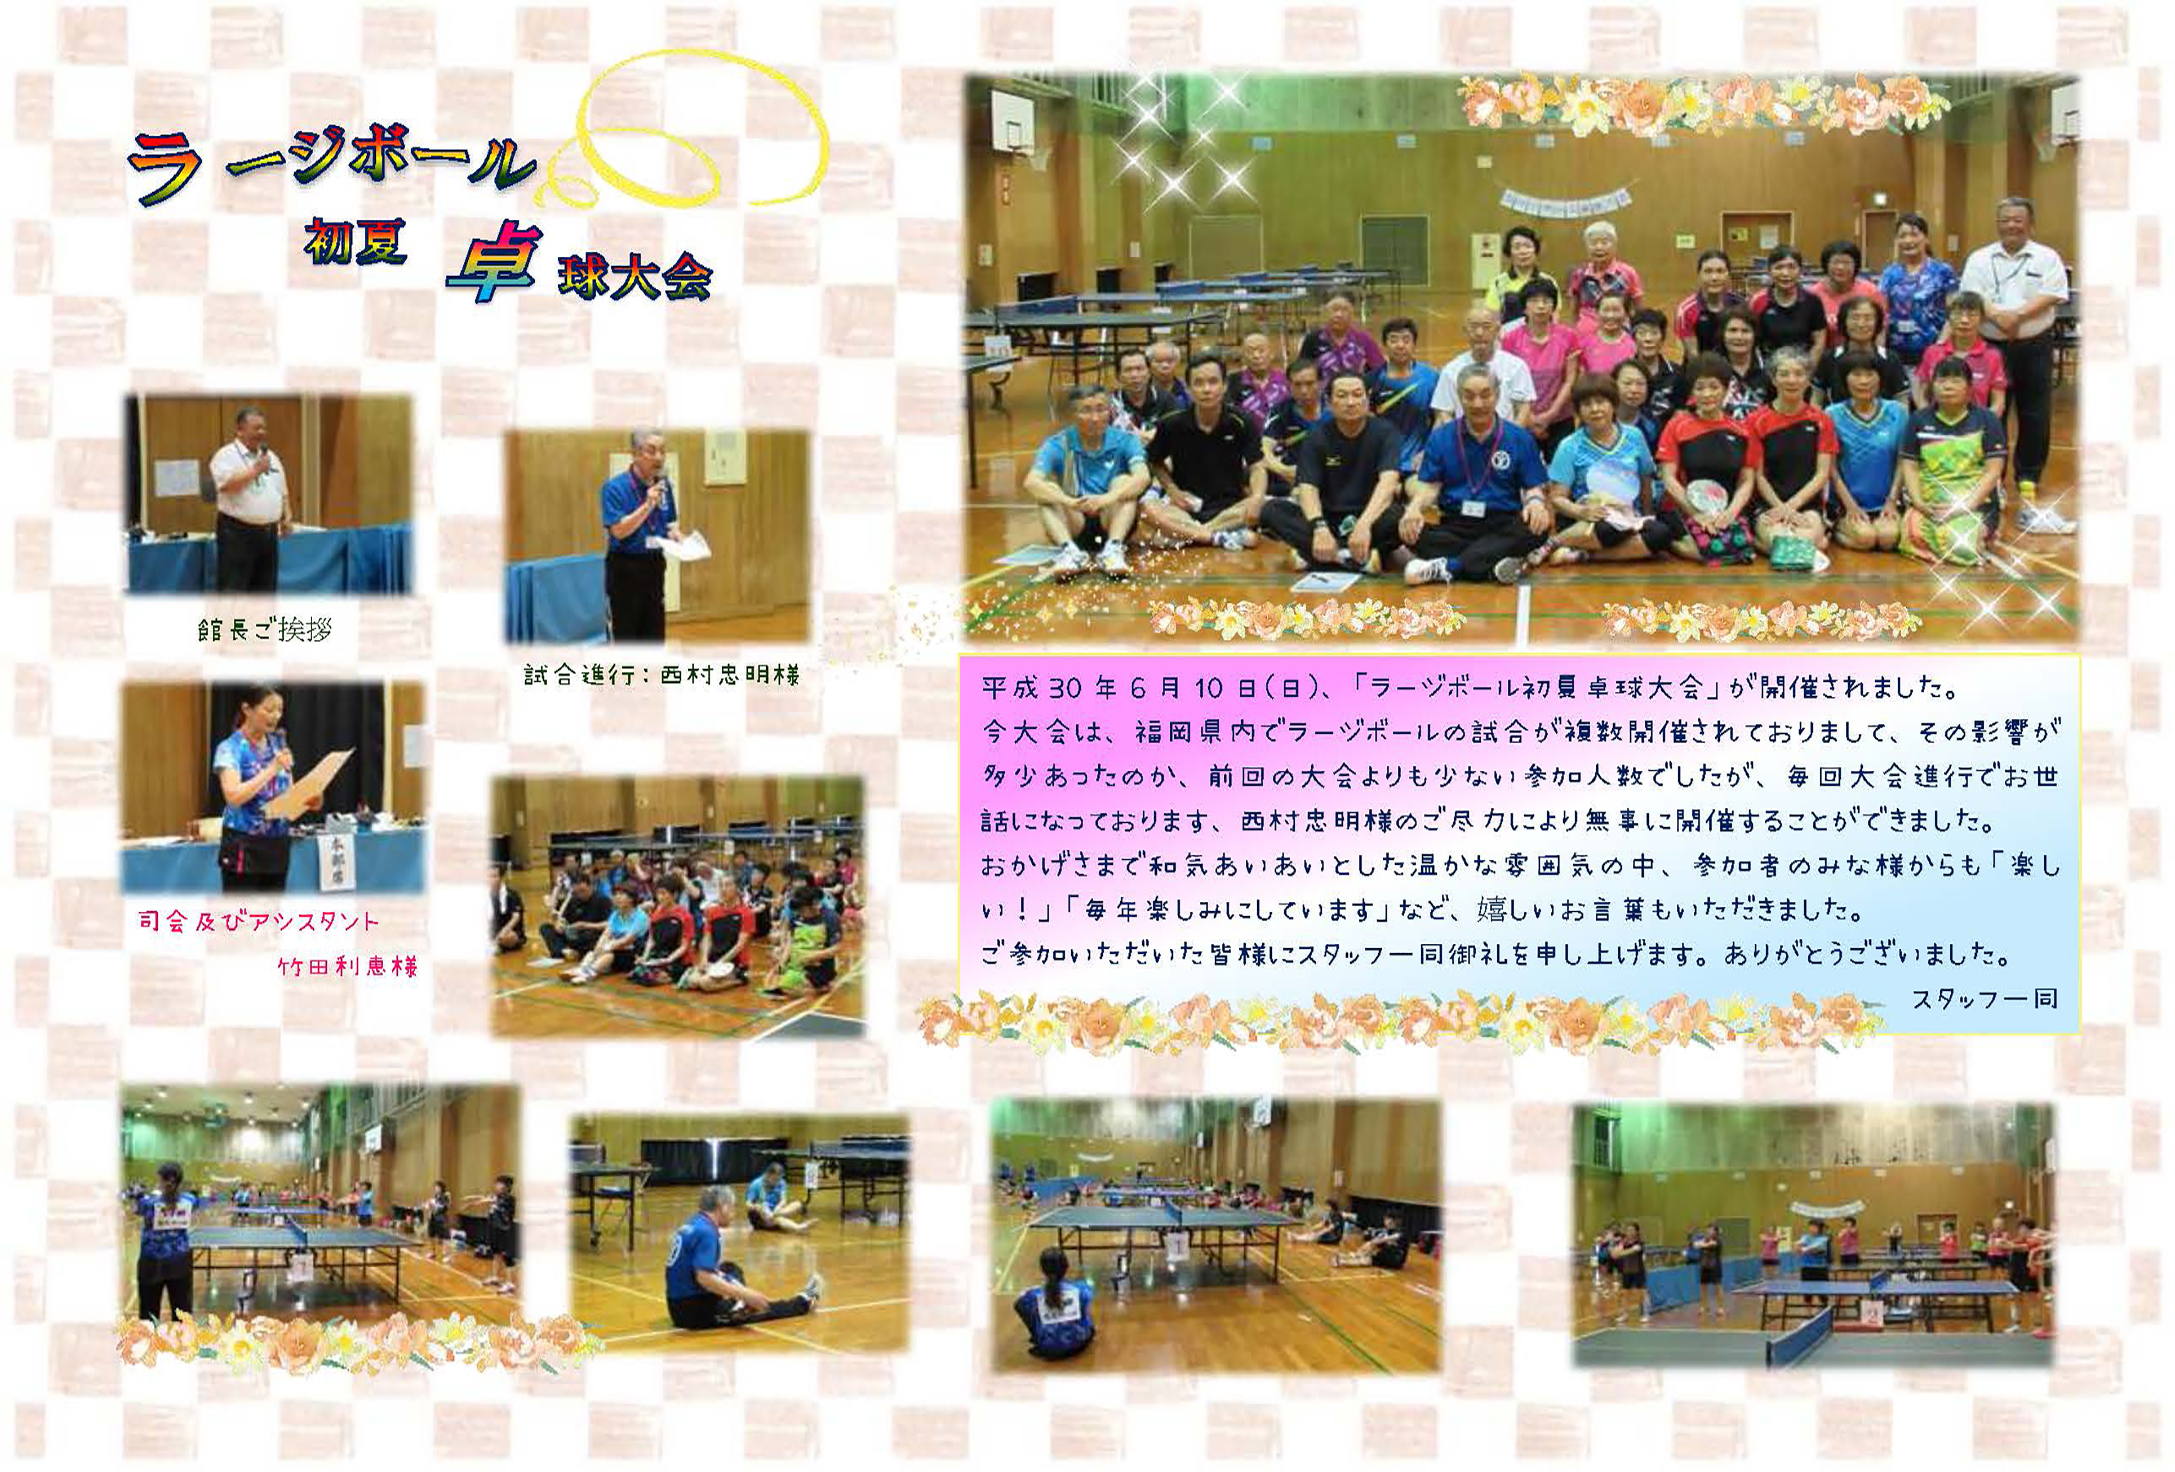 「初夏」ラージボール卓球大会